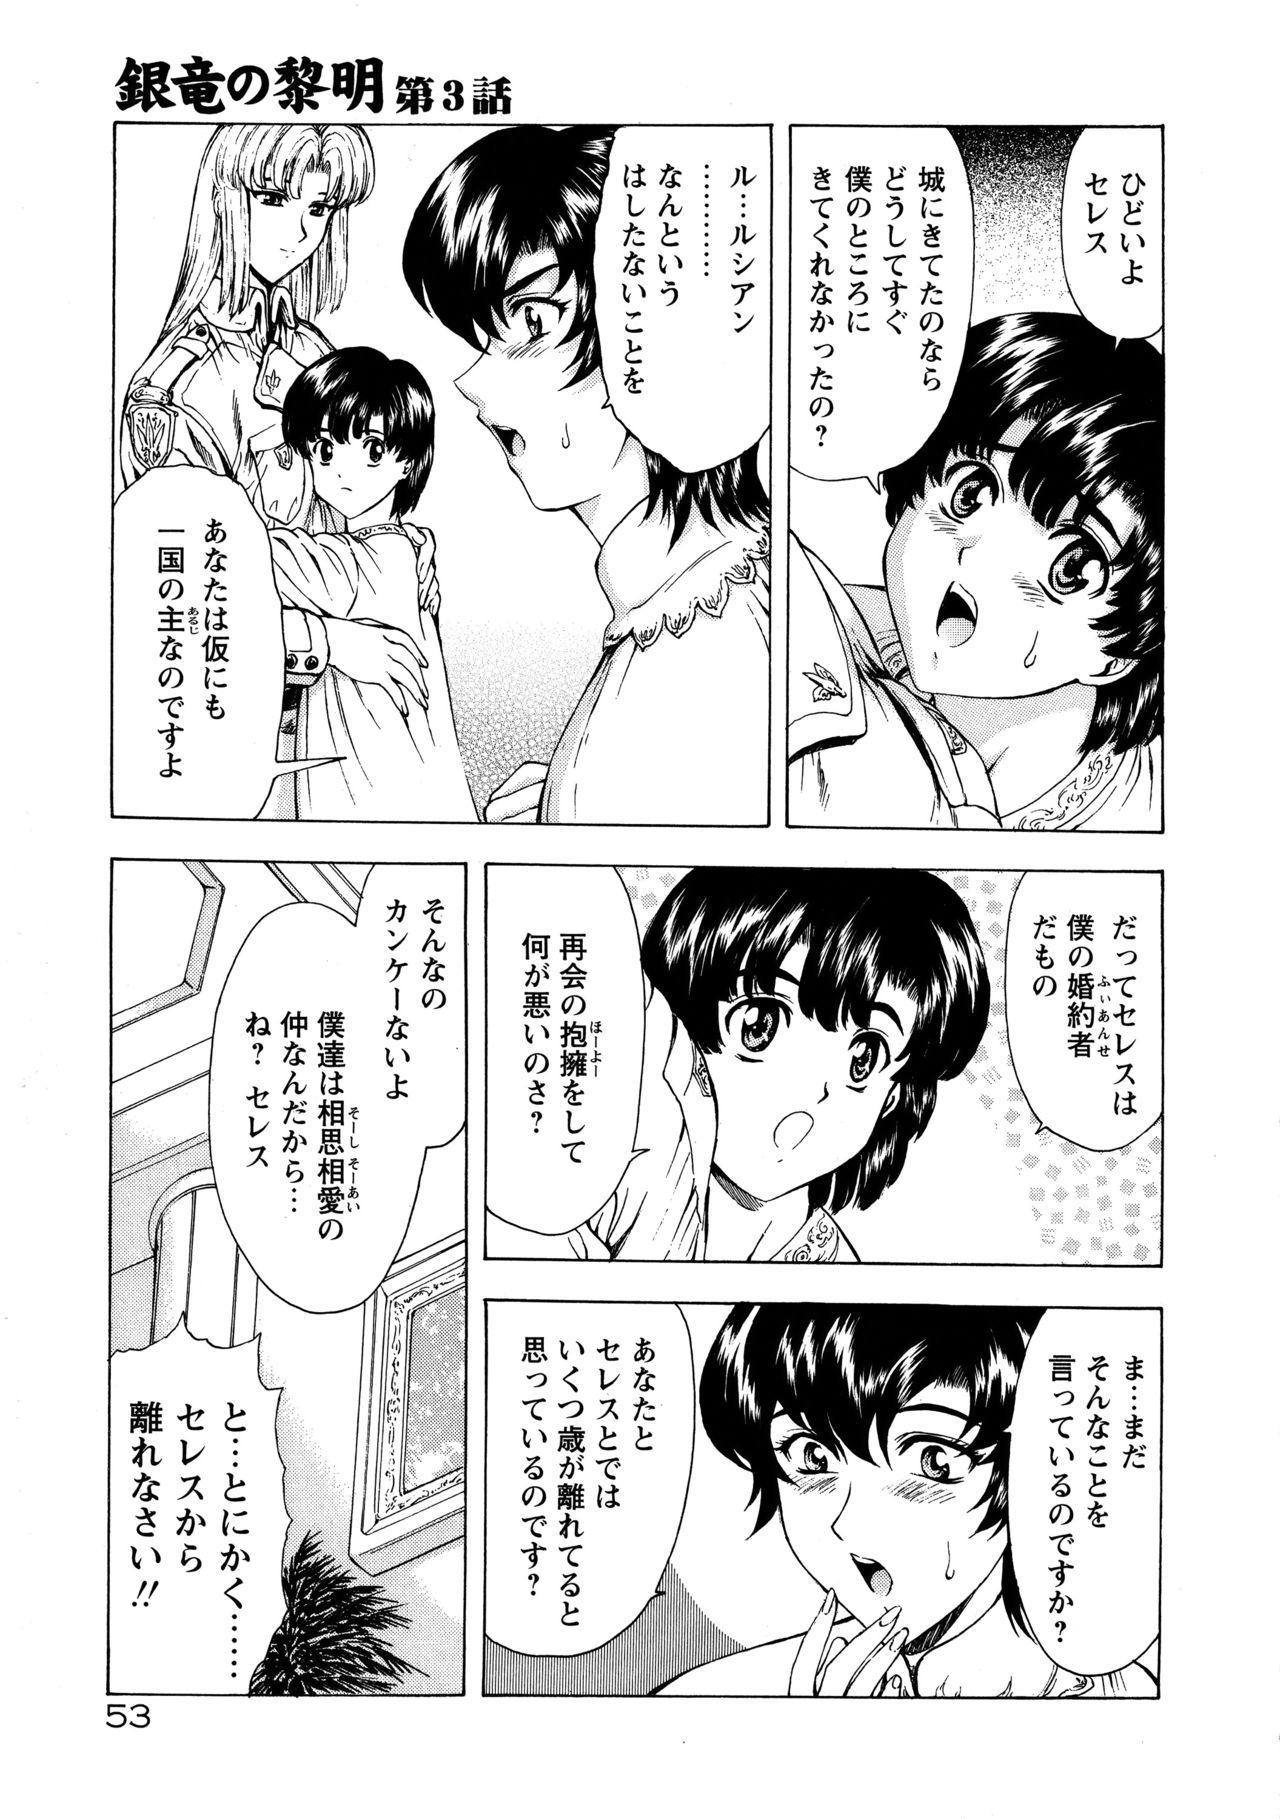 Ginryuu no Reimei Vol. 1 60